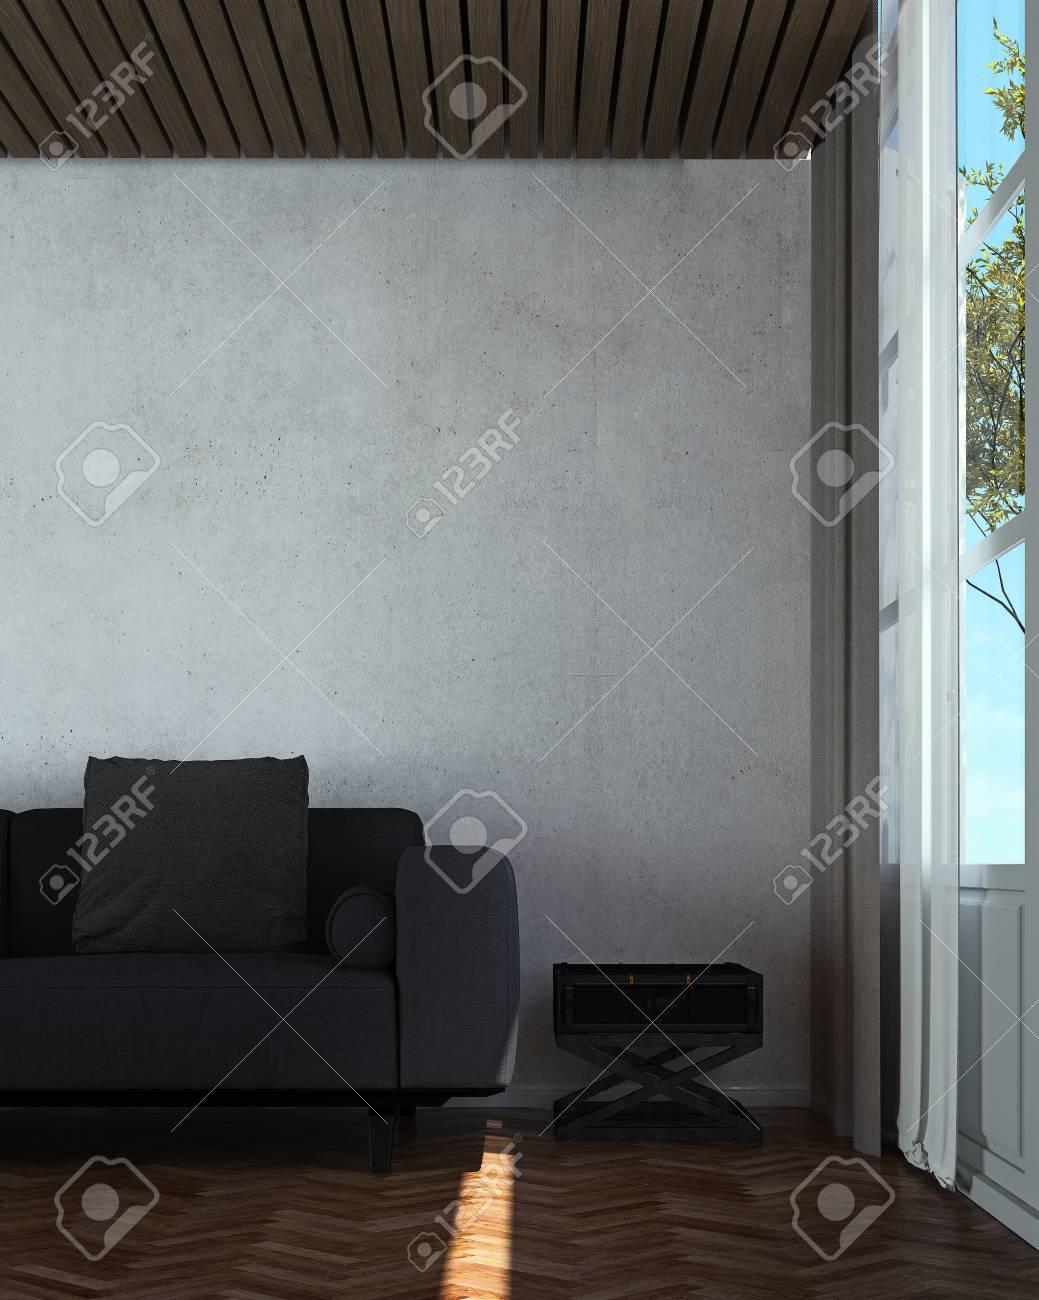 Le design intérieur du salon et du salon style moderne et fond de mur en  béton